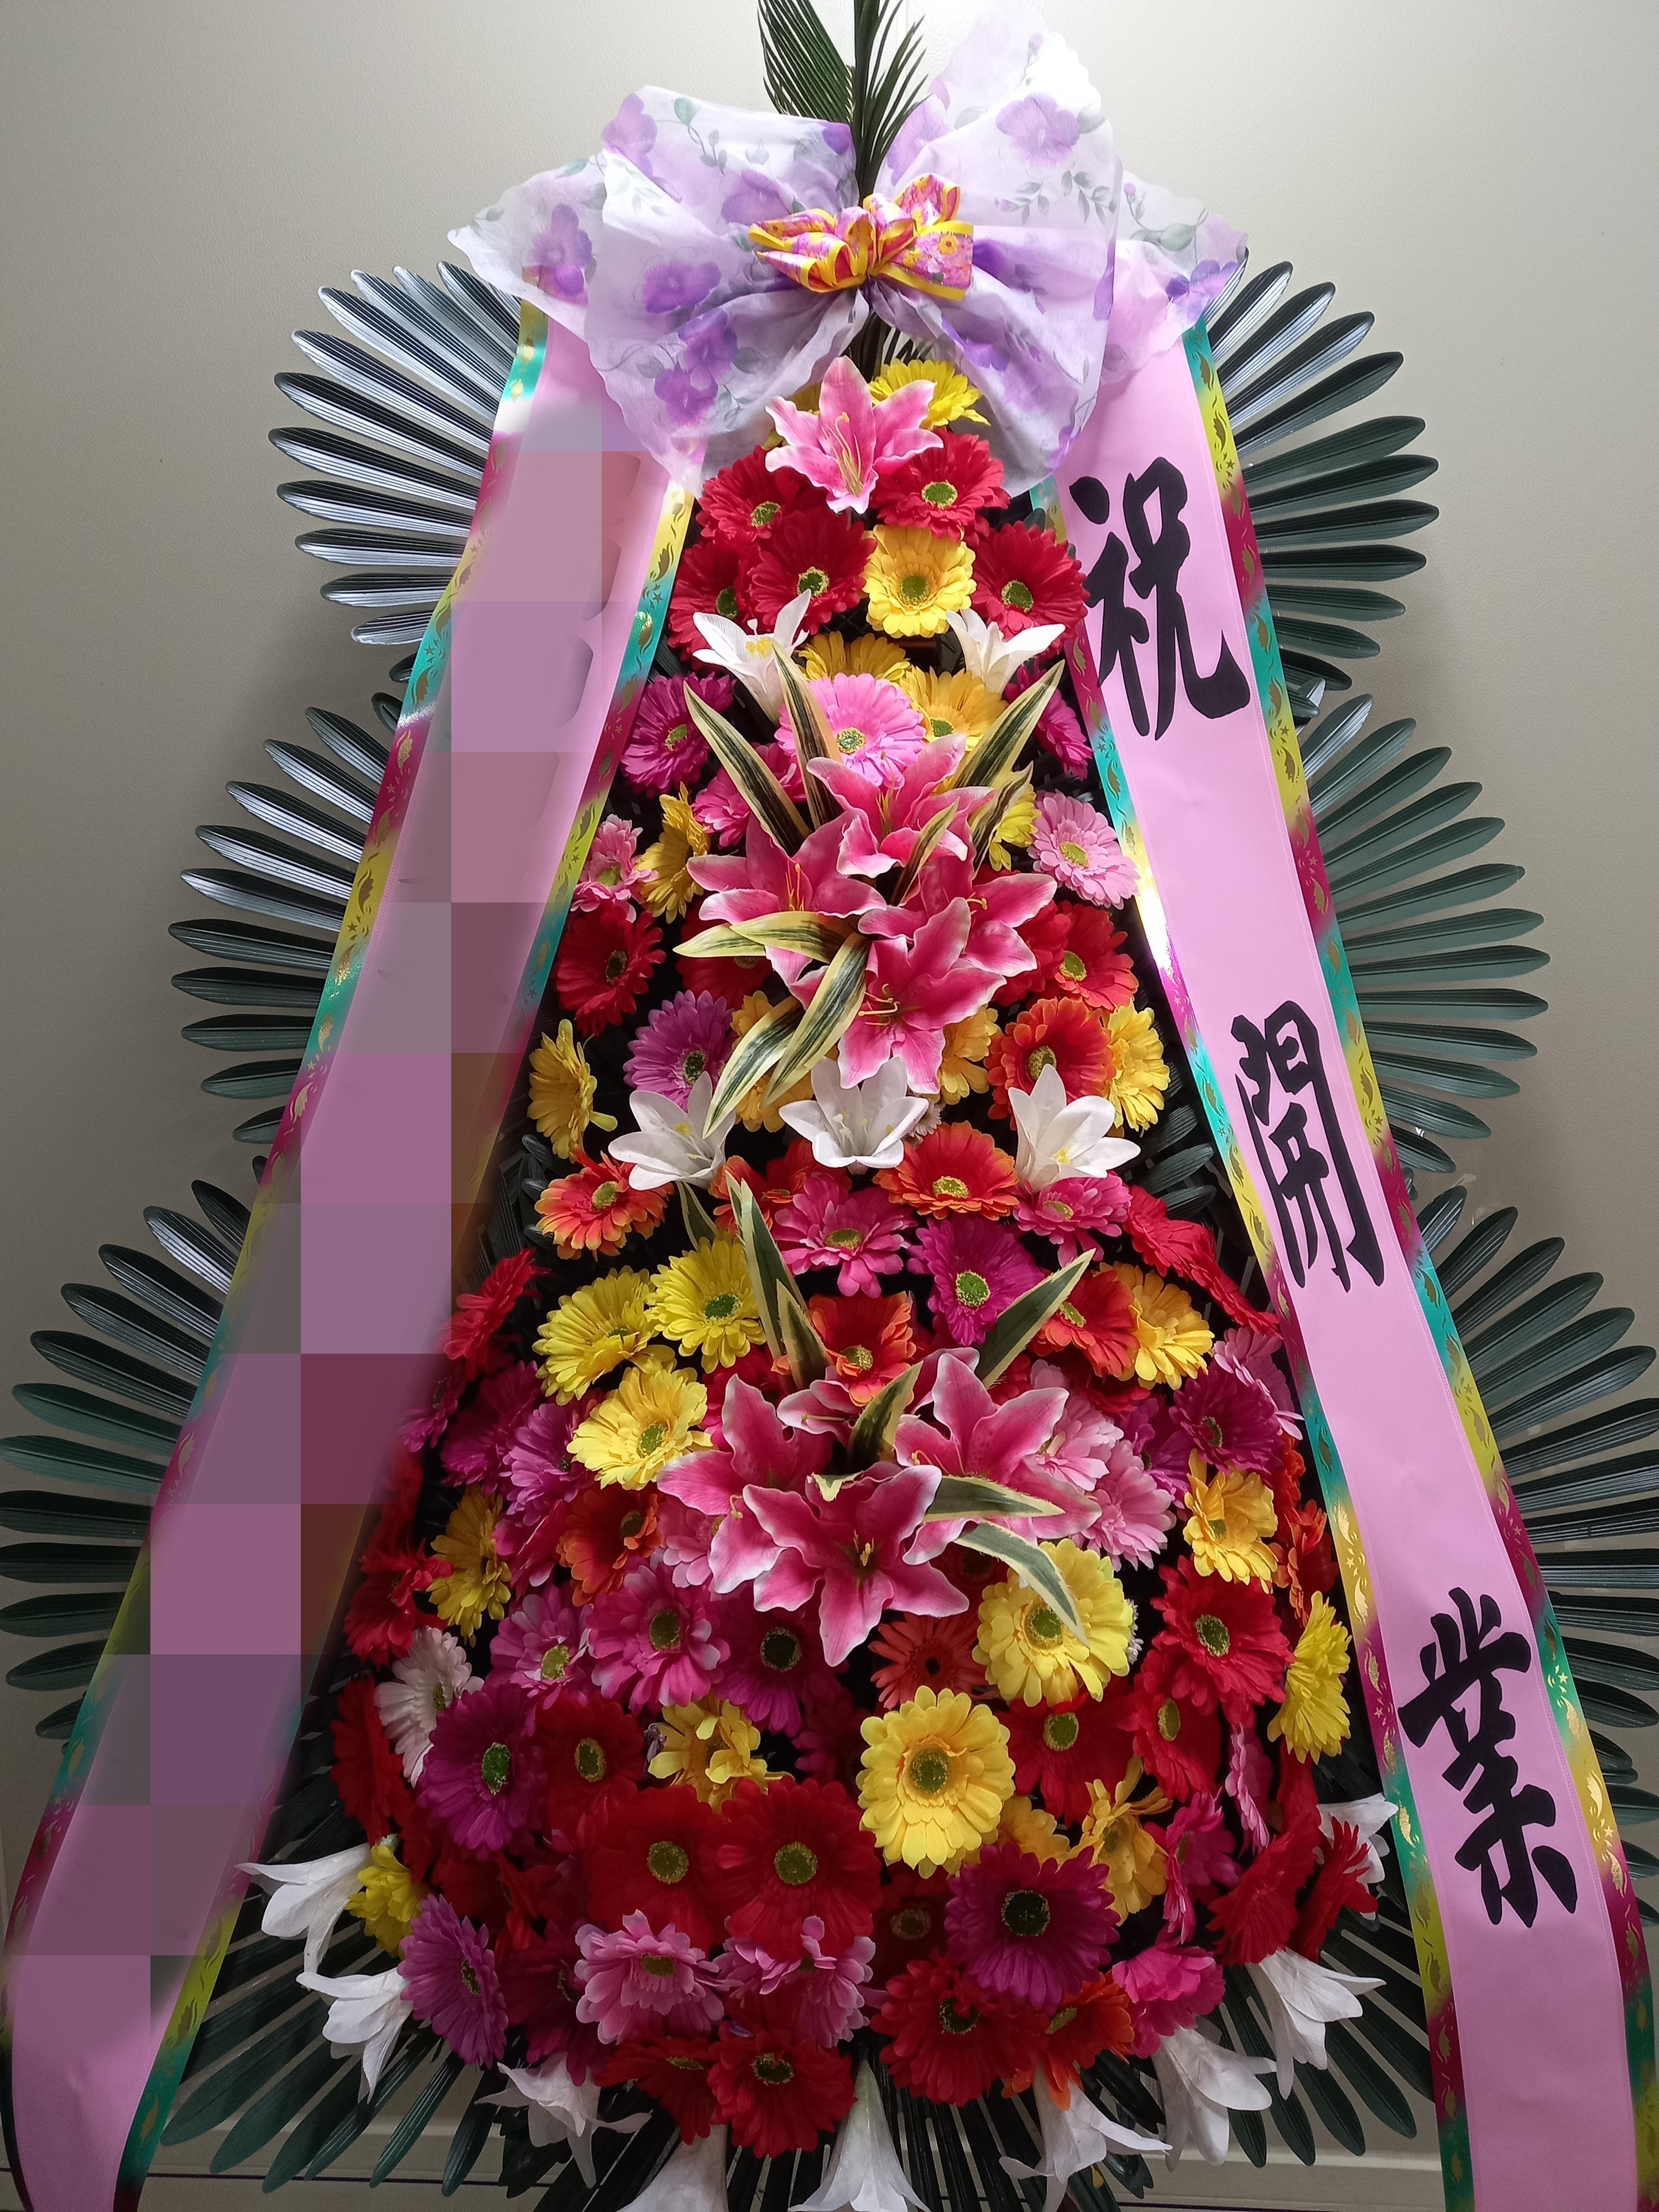 주문자 현ㅇㅇㅇ 대전 유성구로 배송된 상품사진입니다